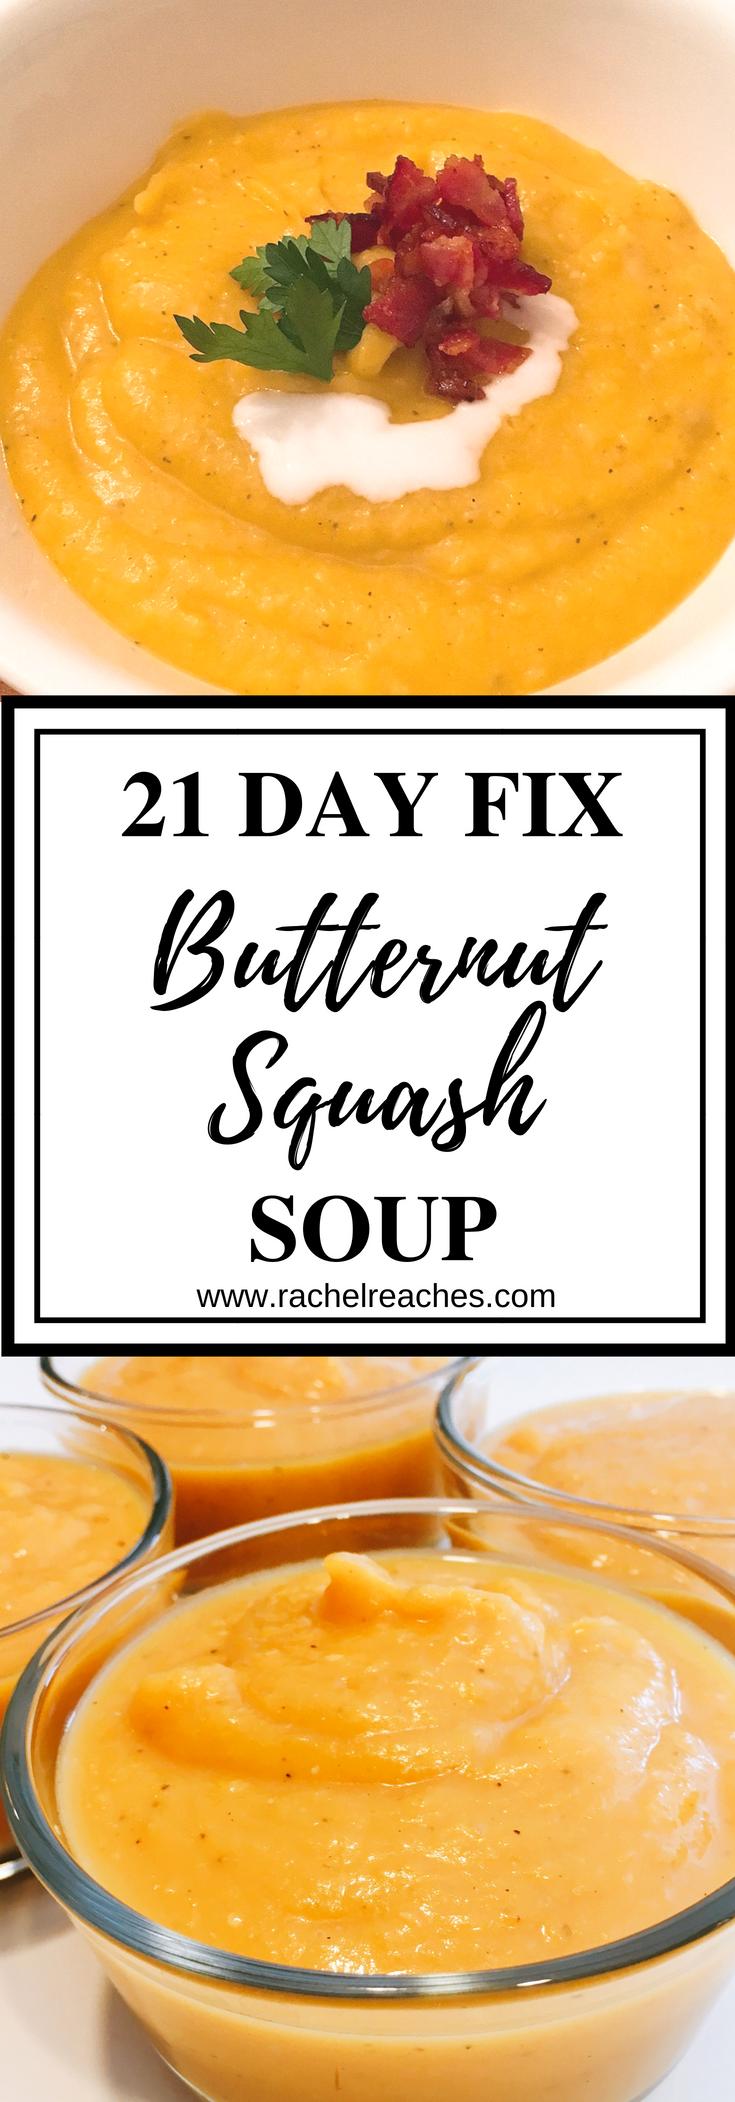 Butternut Squash Soup Pin - 21 Day Fix.png